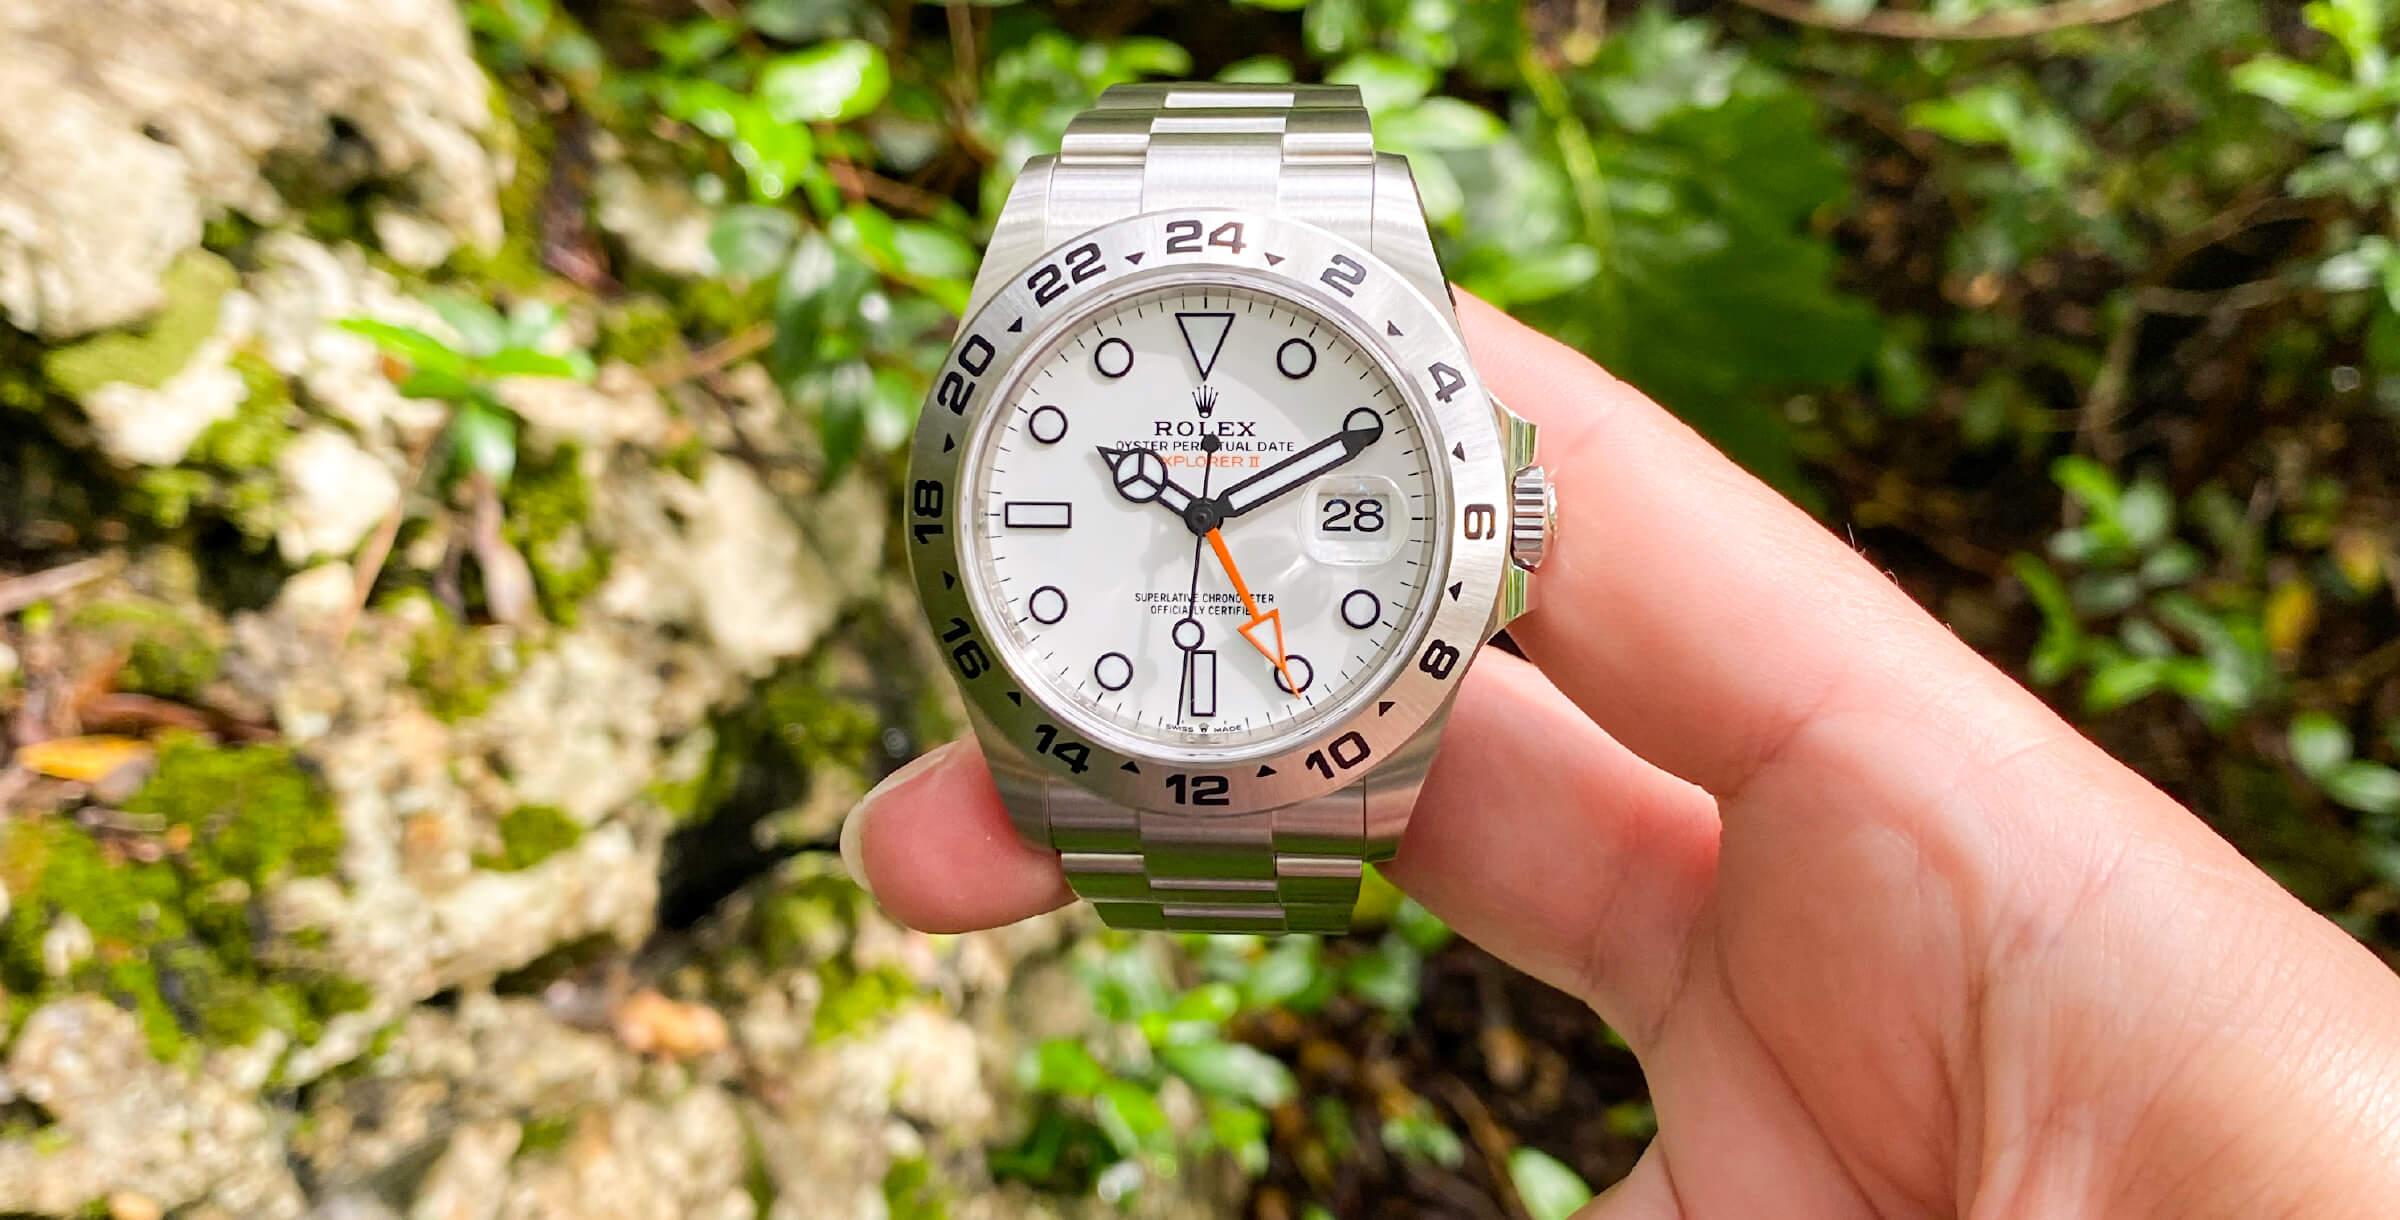 Pormenor mostrador Rolex Explorer II, em ambiente de rocha e vegetação na Serra da Arrábida © Rita Tinoca / Espiral do Tempo